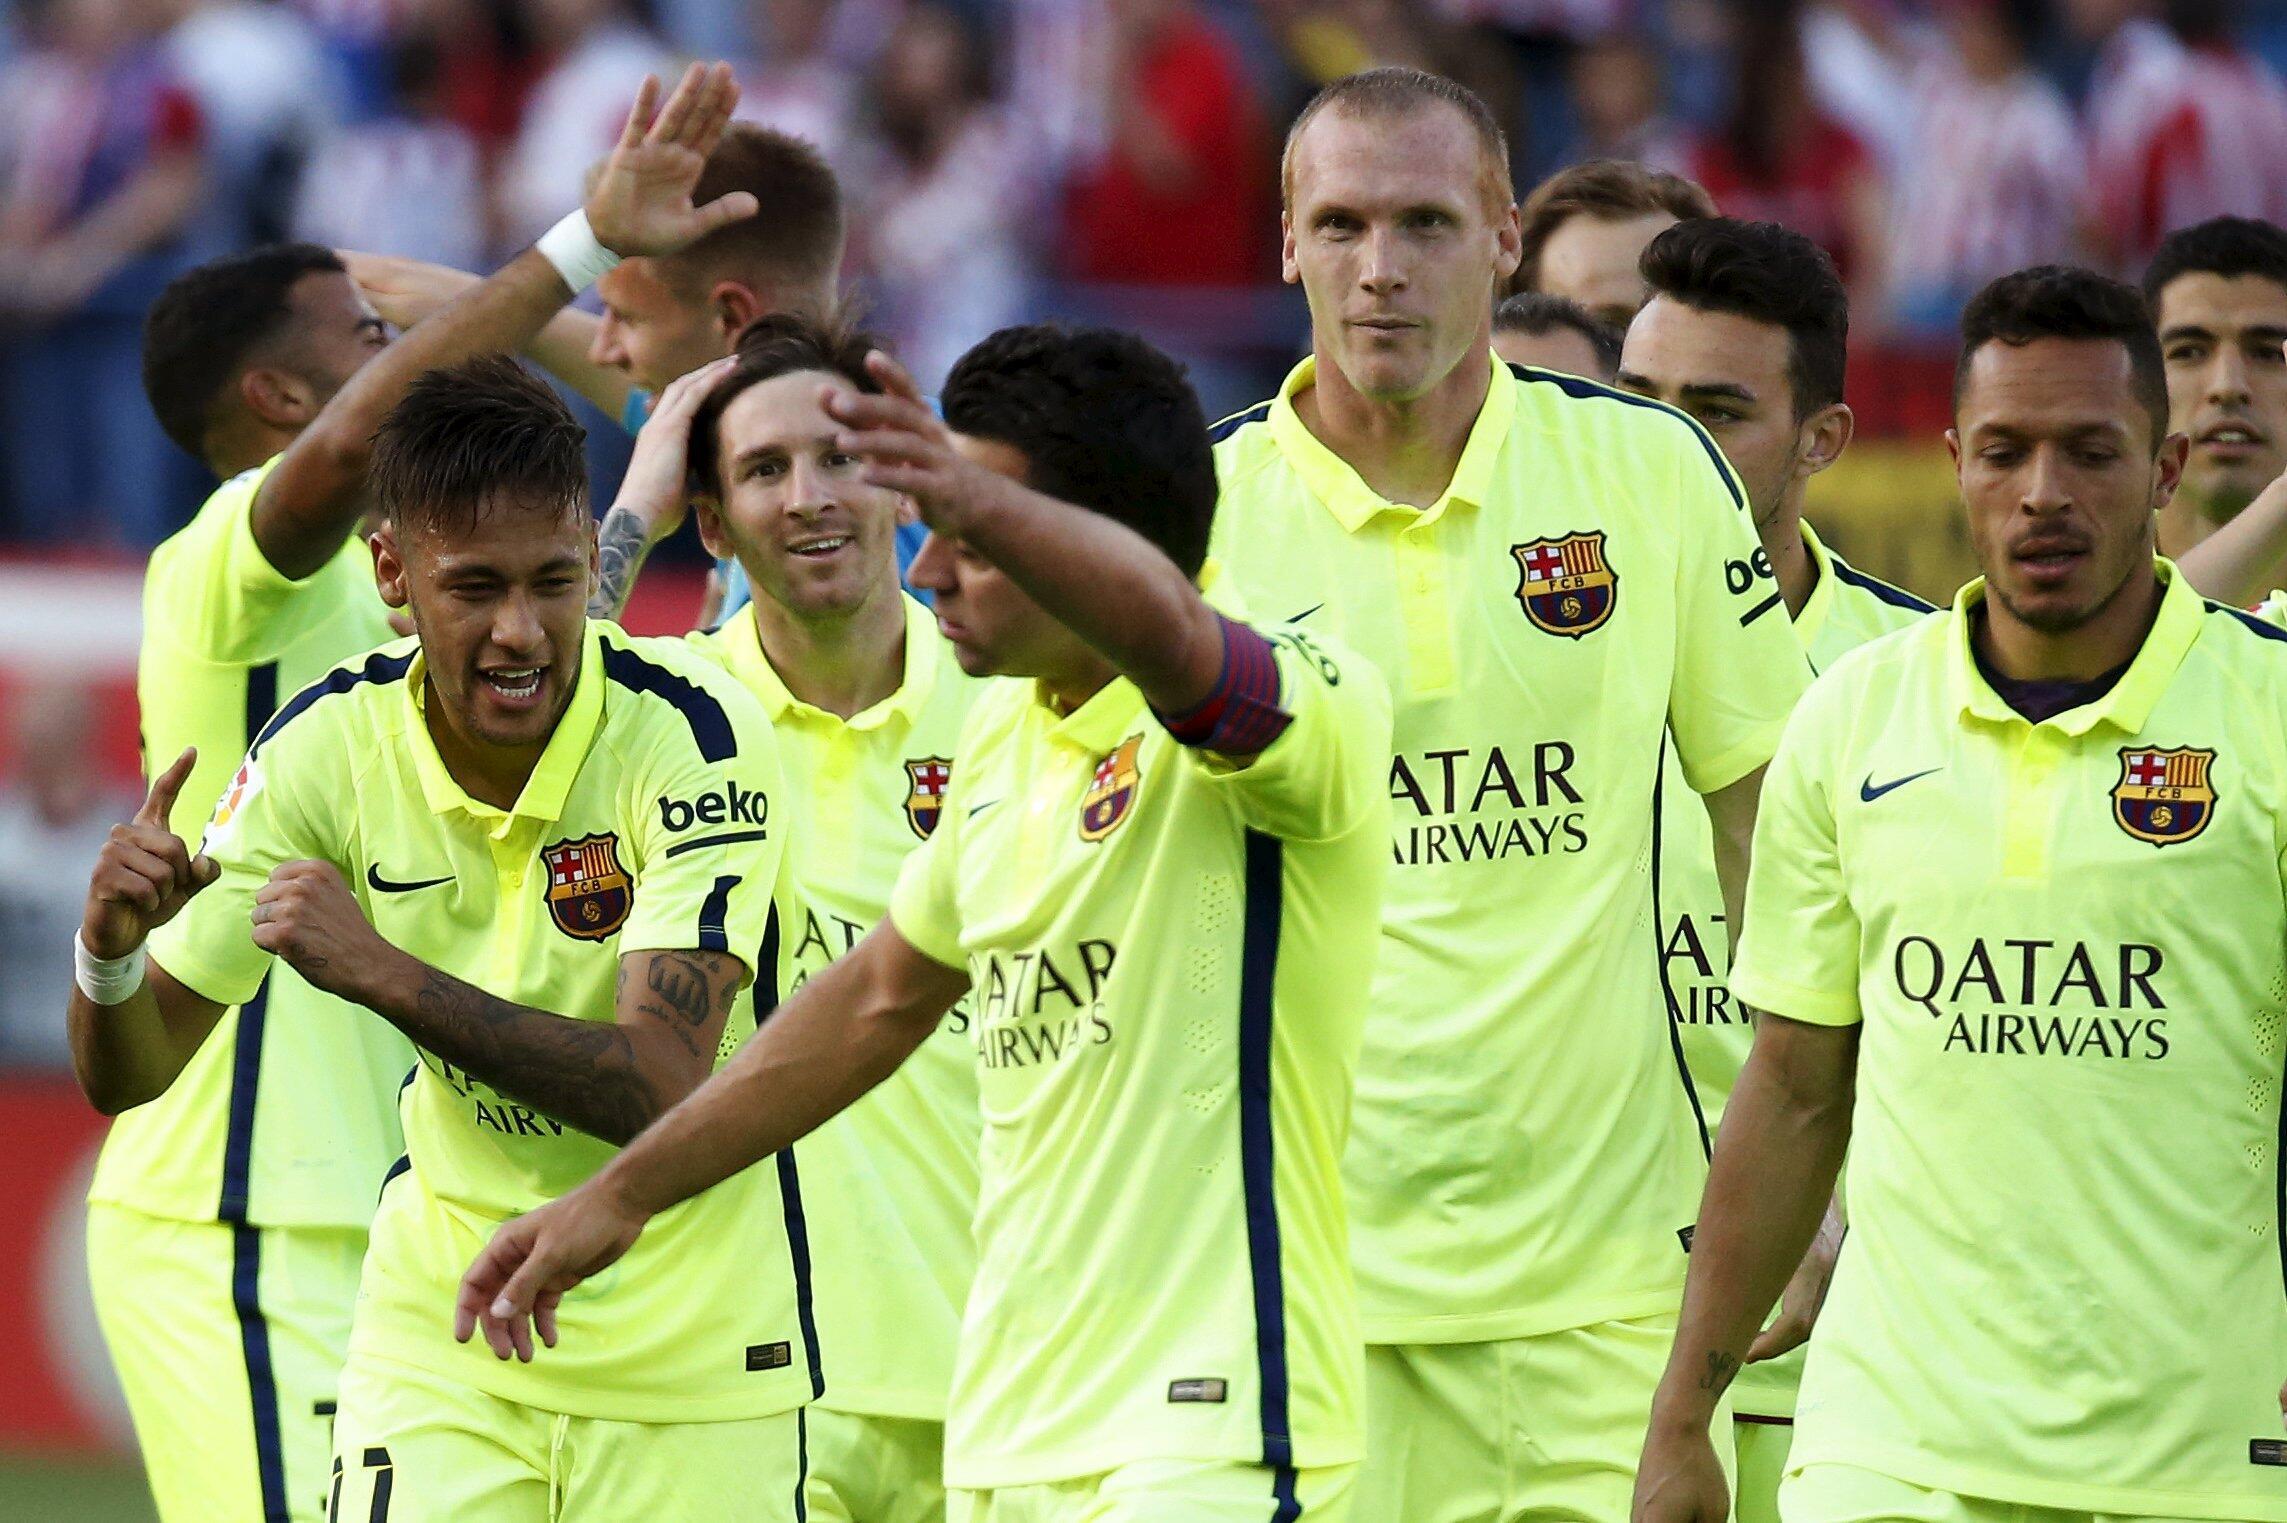 Neymar (esquerda) foi um dos mais animados na celebração da conquista do Campeonato Espanhol pelo Barcelona neste domingo (17). conqi